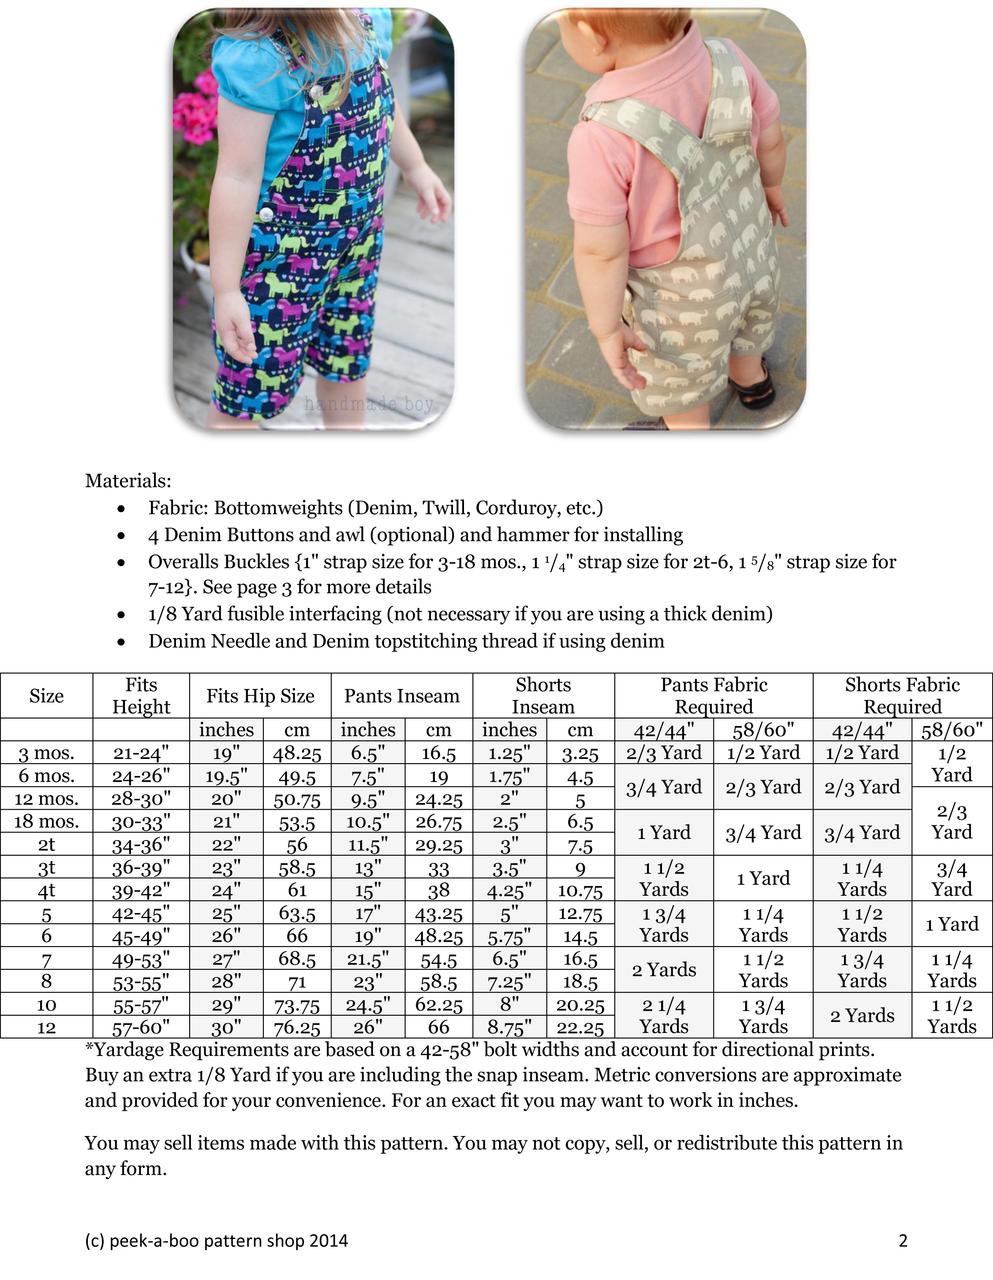 5250629fa6d5c Okey Dokey Overalls Sewing Pattern · Okey Dokey Overalls Size Chart ...